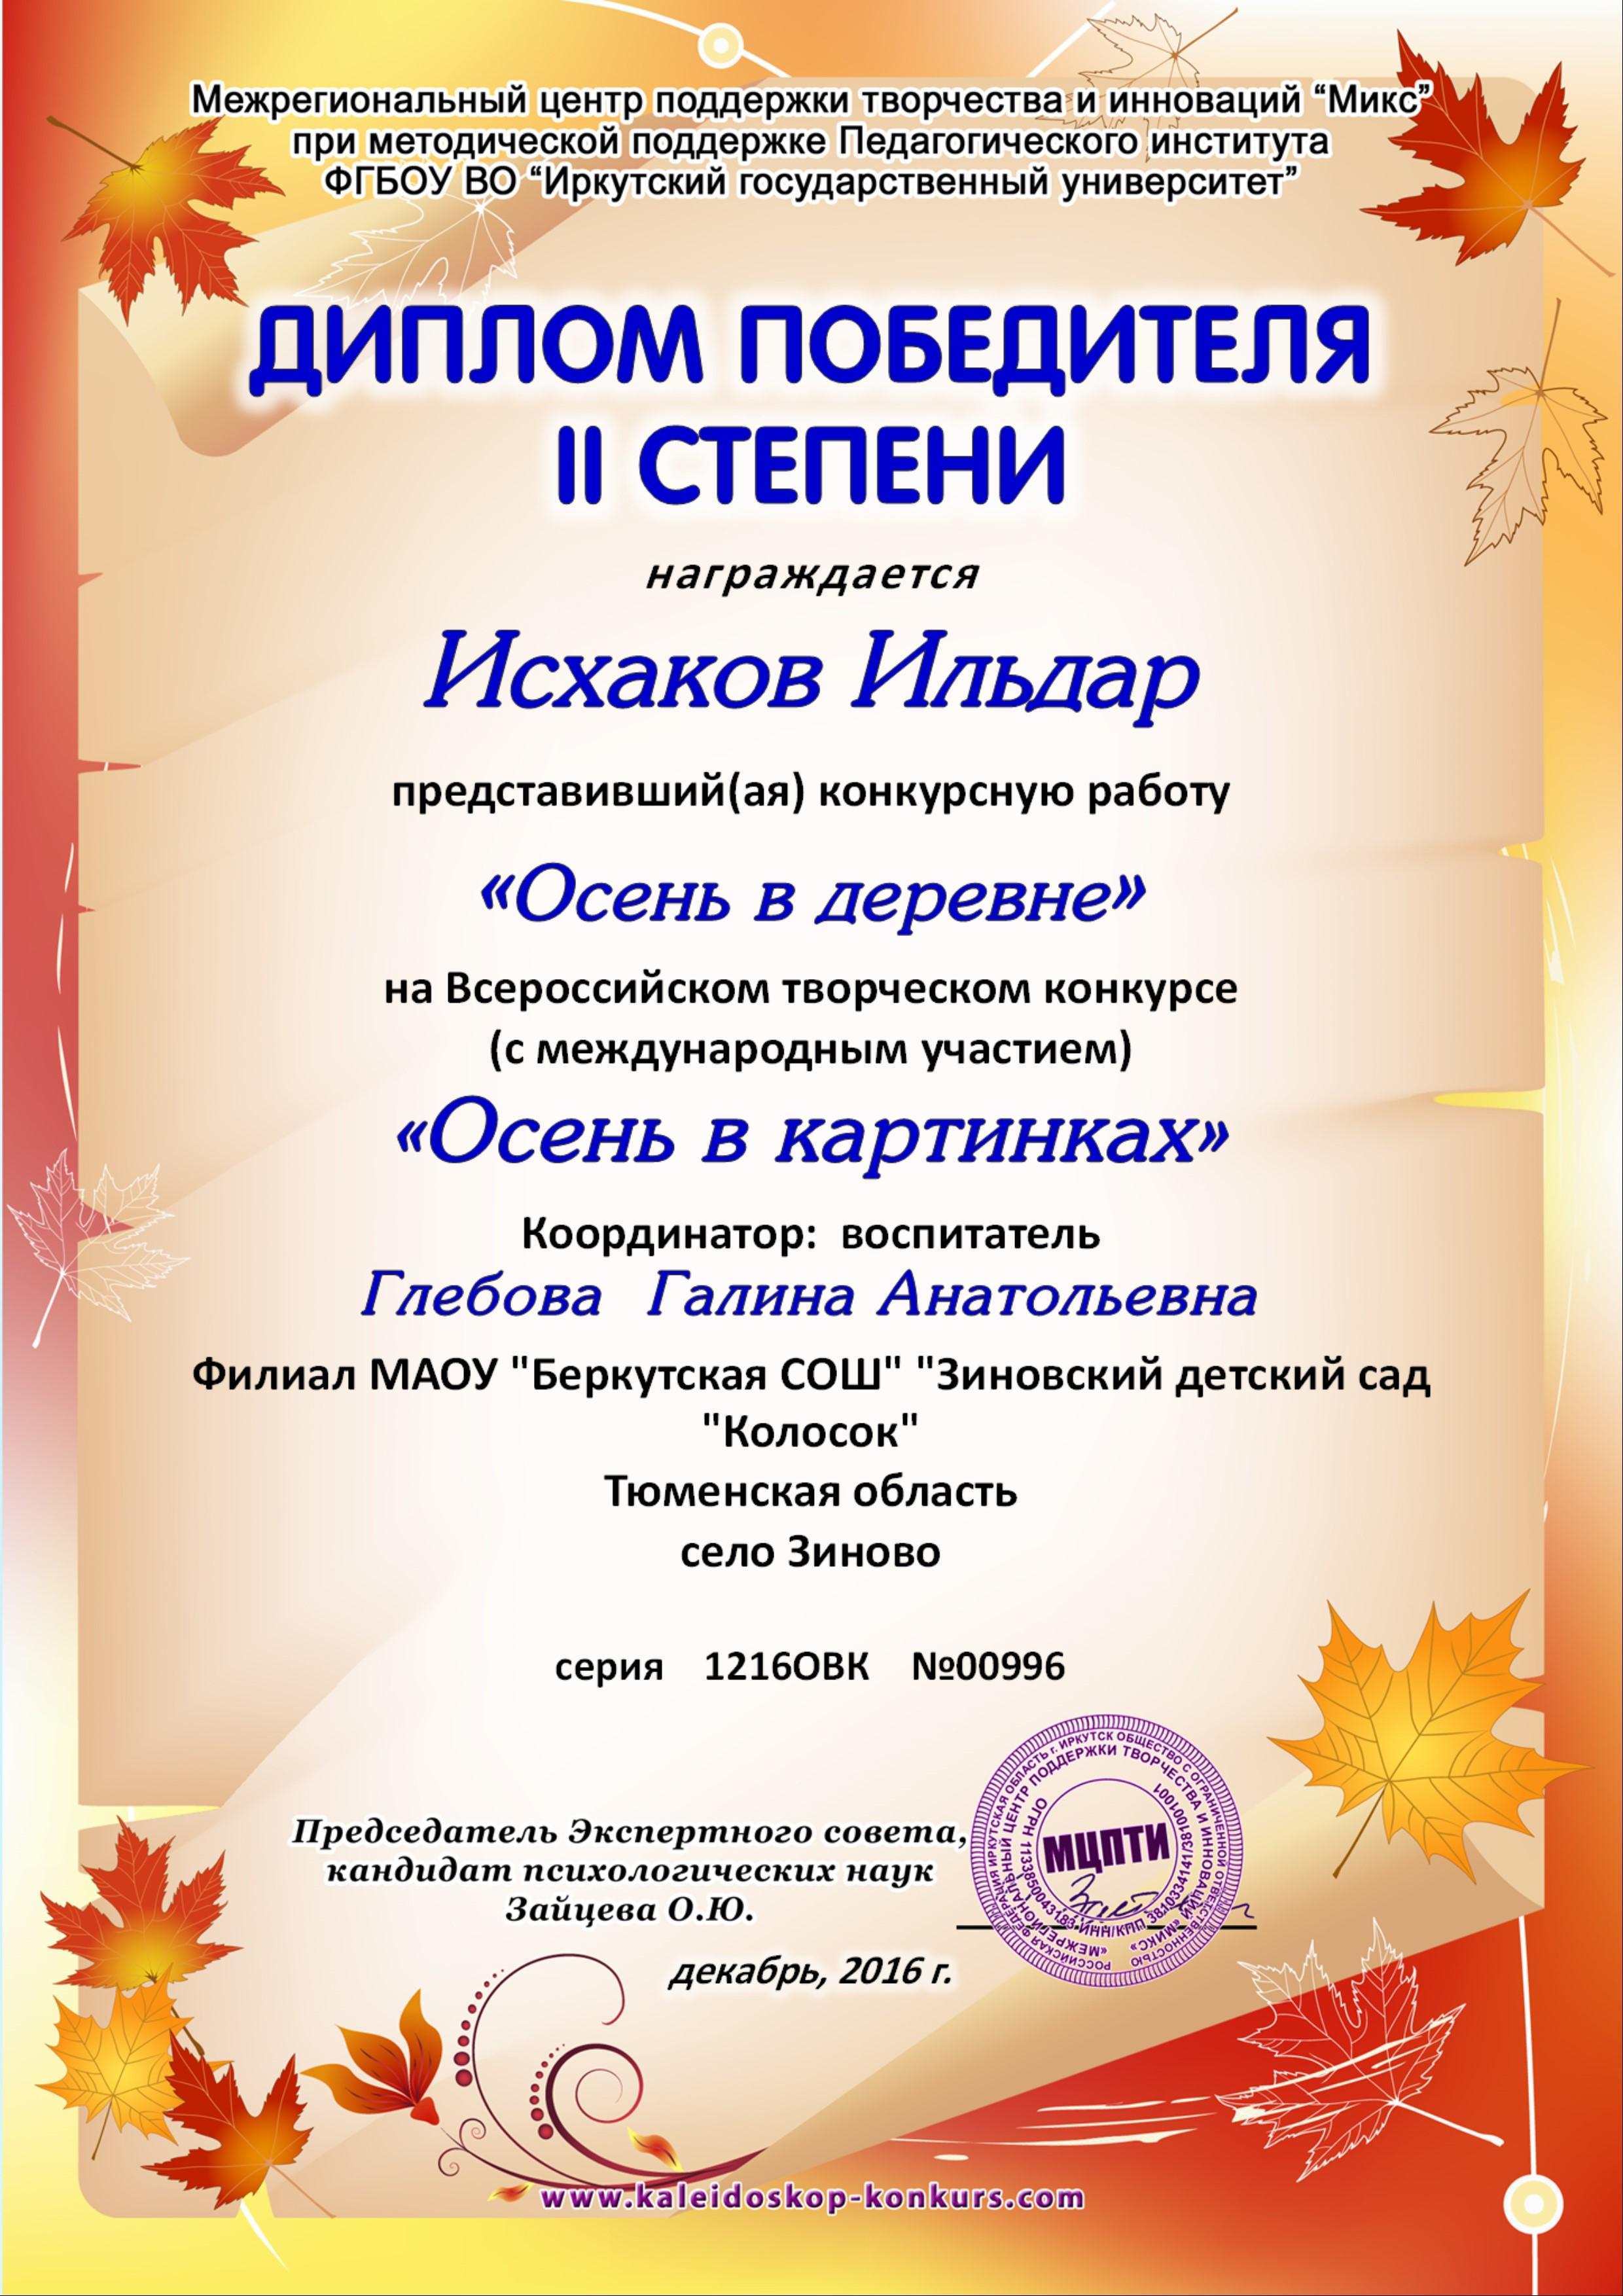 Поздравление победителей творческого конкурсе